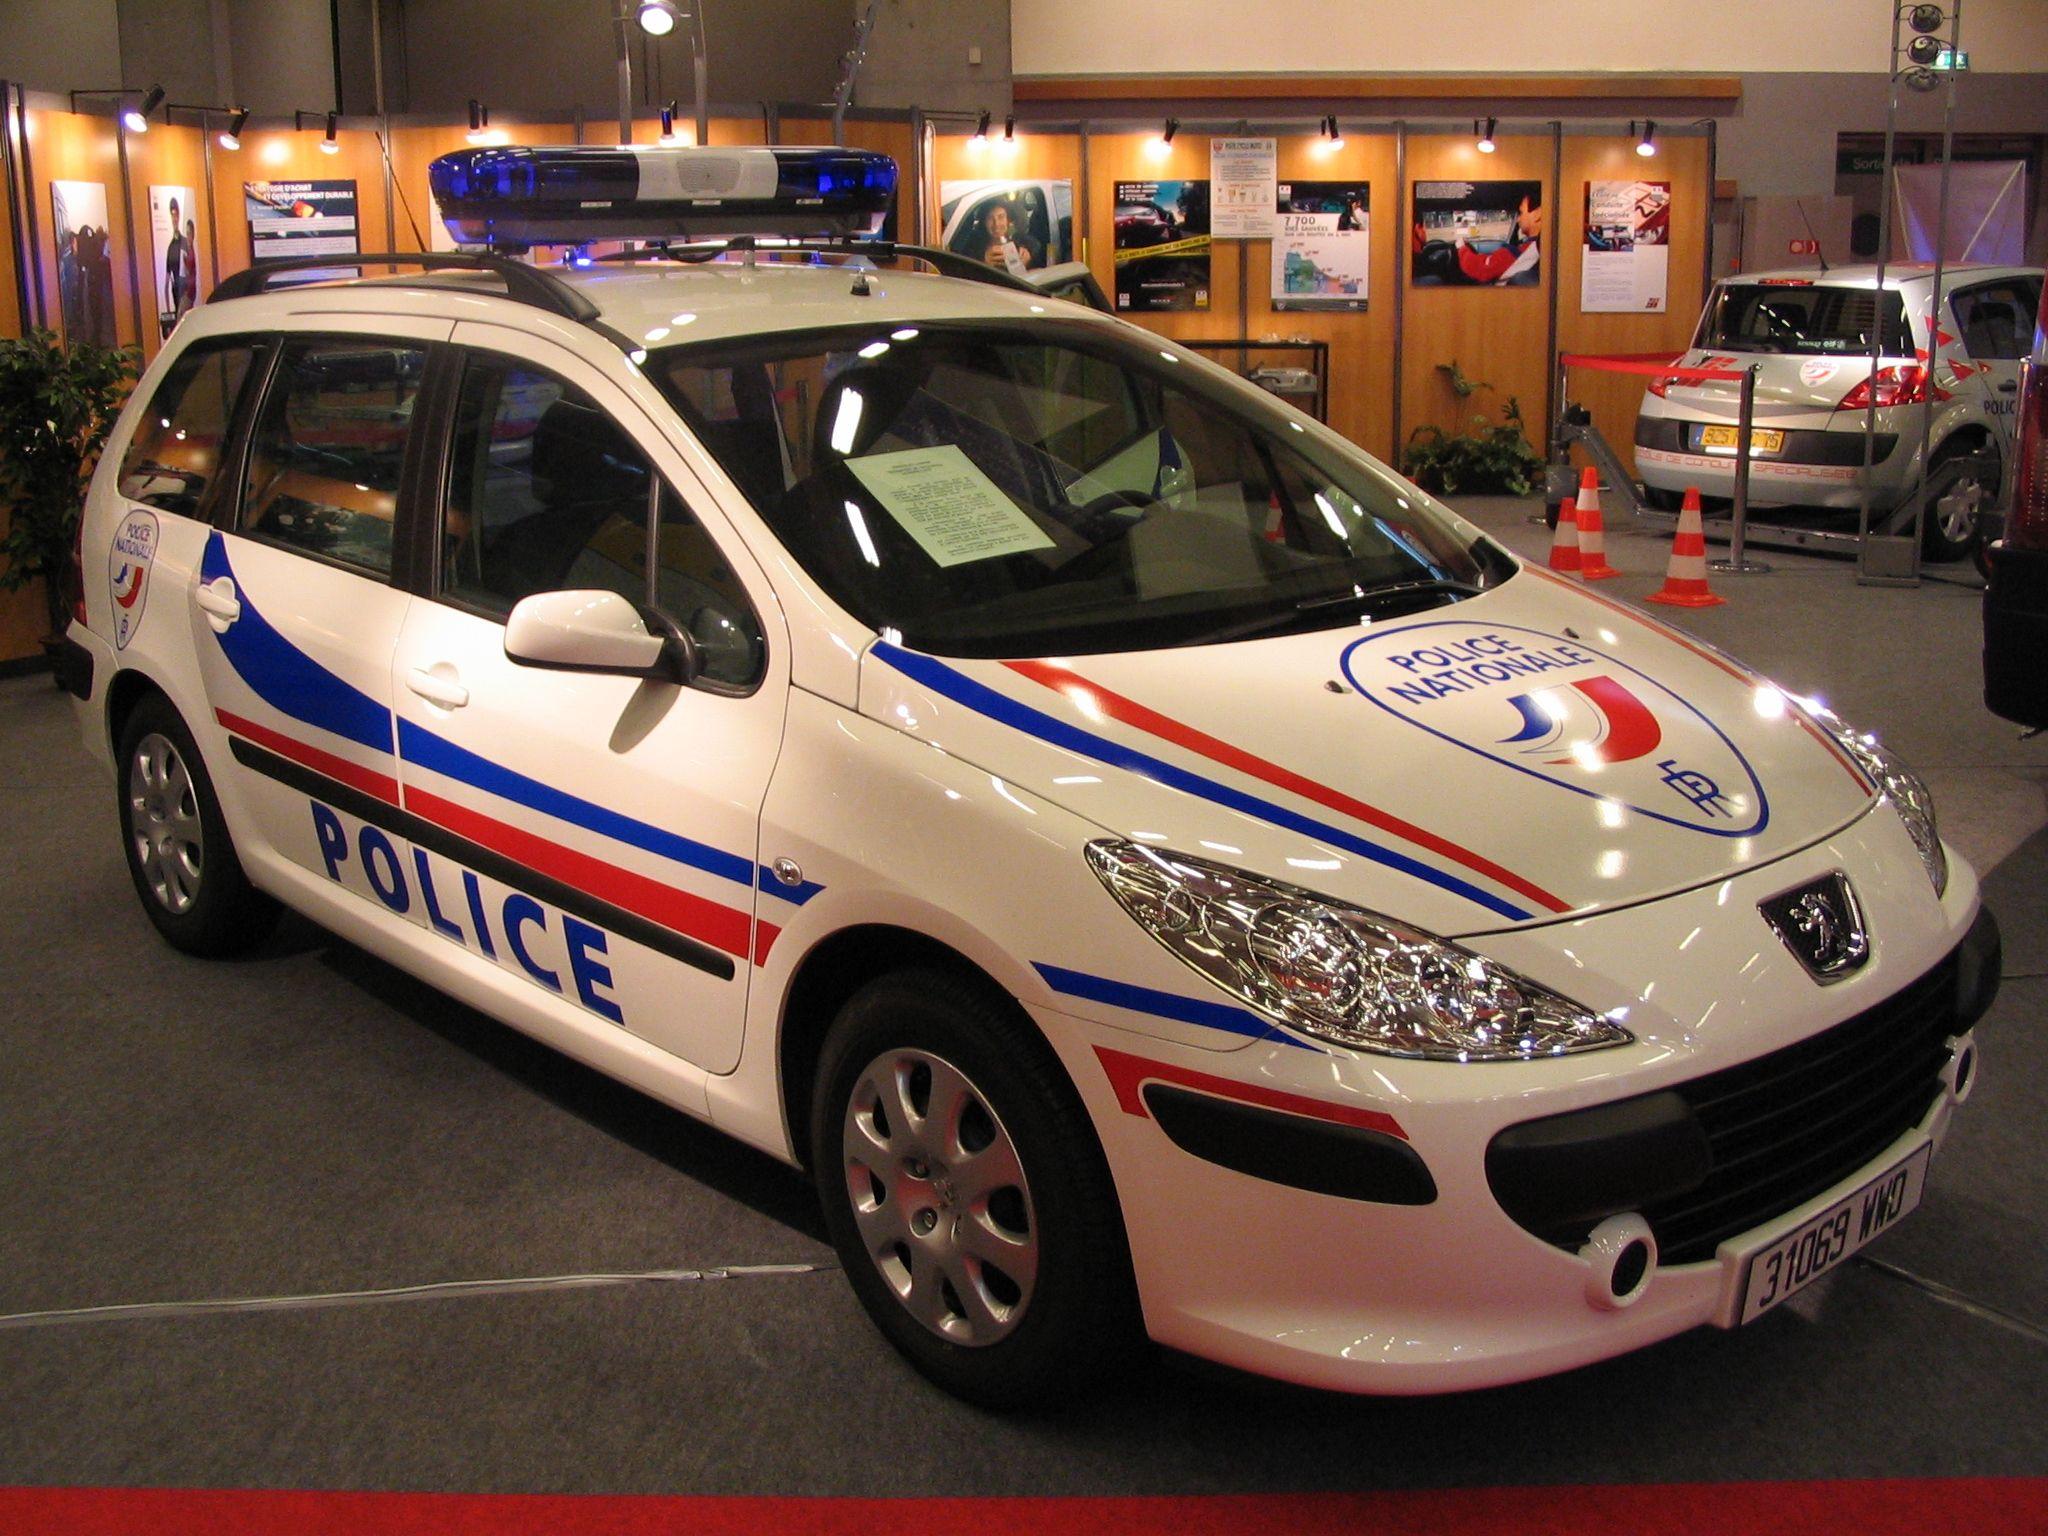 police nationale paris france peugeot pinterest police voitures et vehicule. Black Bedroom Furniture Sets. Home Design Ideas